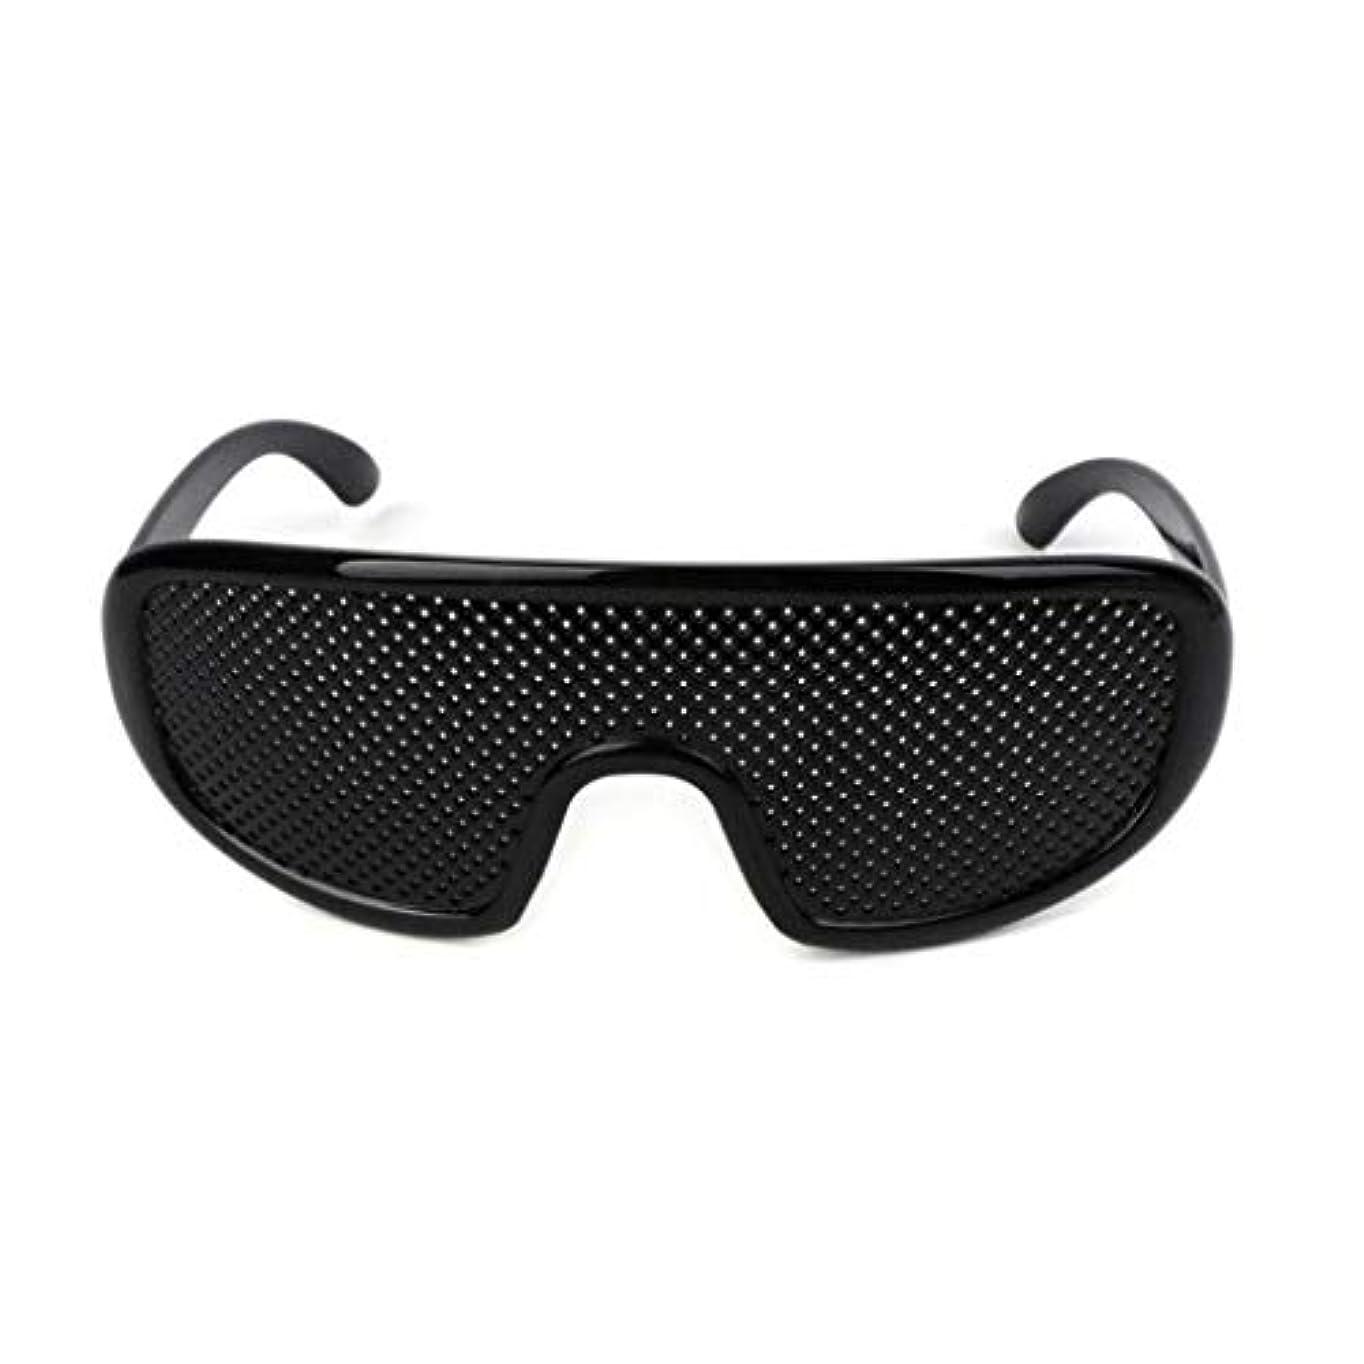 選ぶバター血まみれのピンホールメガネ、視力矯正メガネ網状視力保護メガネ耐疲労性メガネ近視の防止メガネの改善